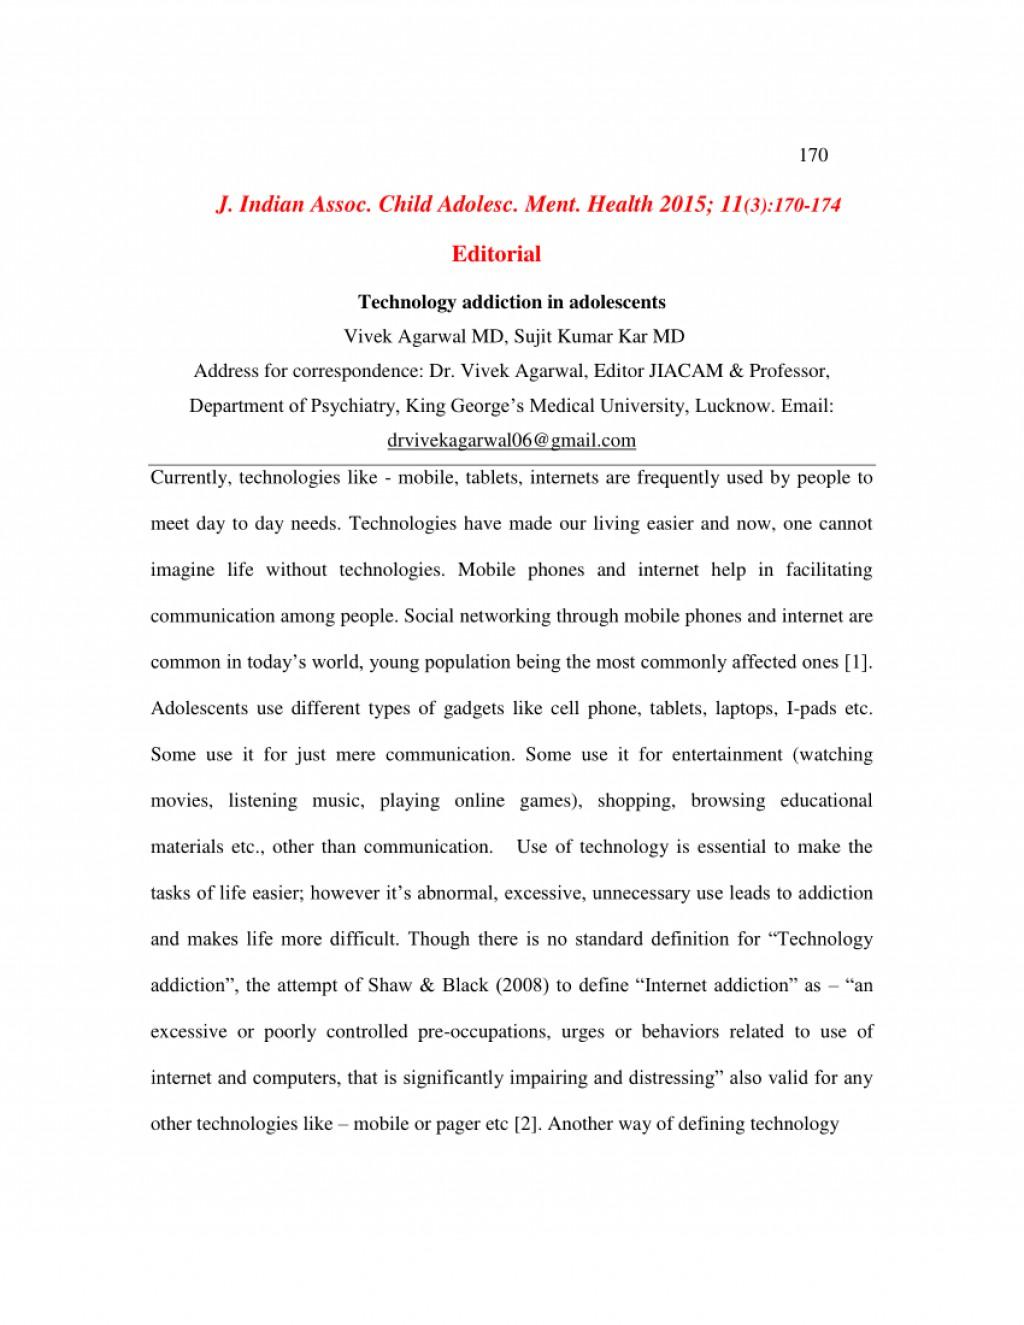 015 Internet Addiction Essay Dreaded In Hindi Urdu 200 Words Large